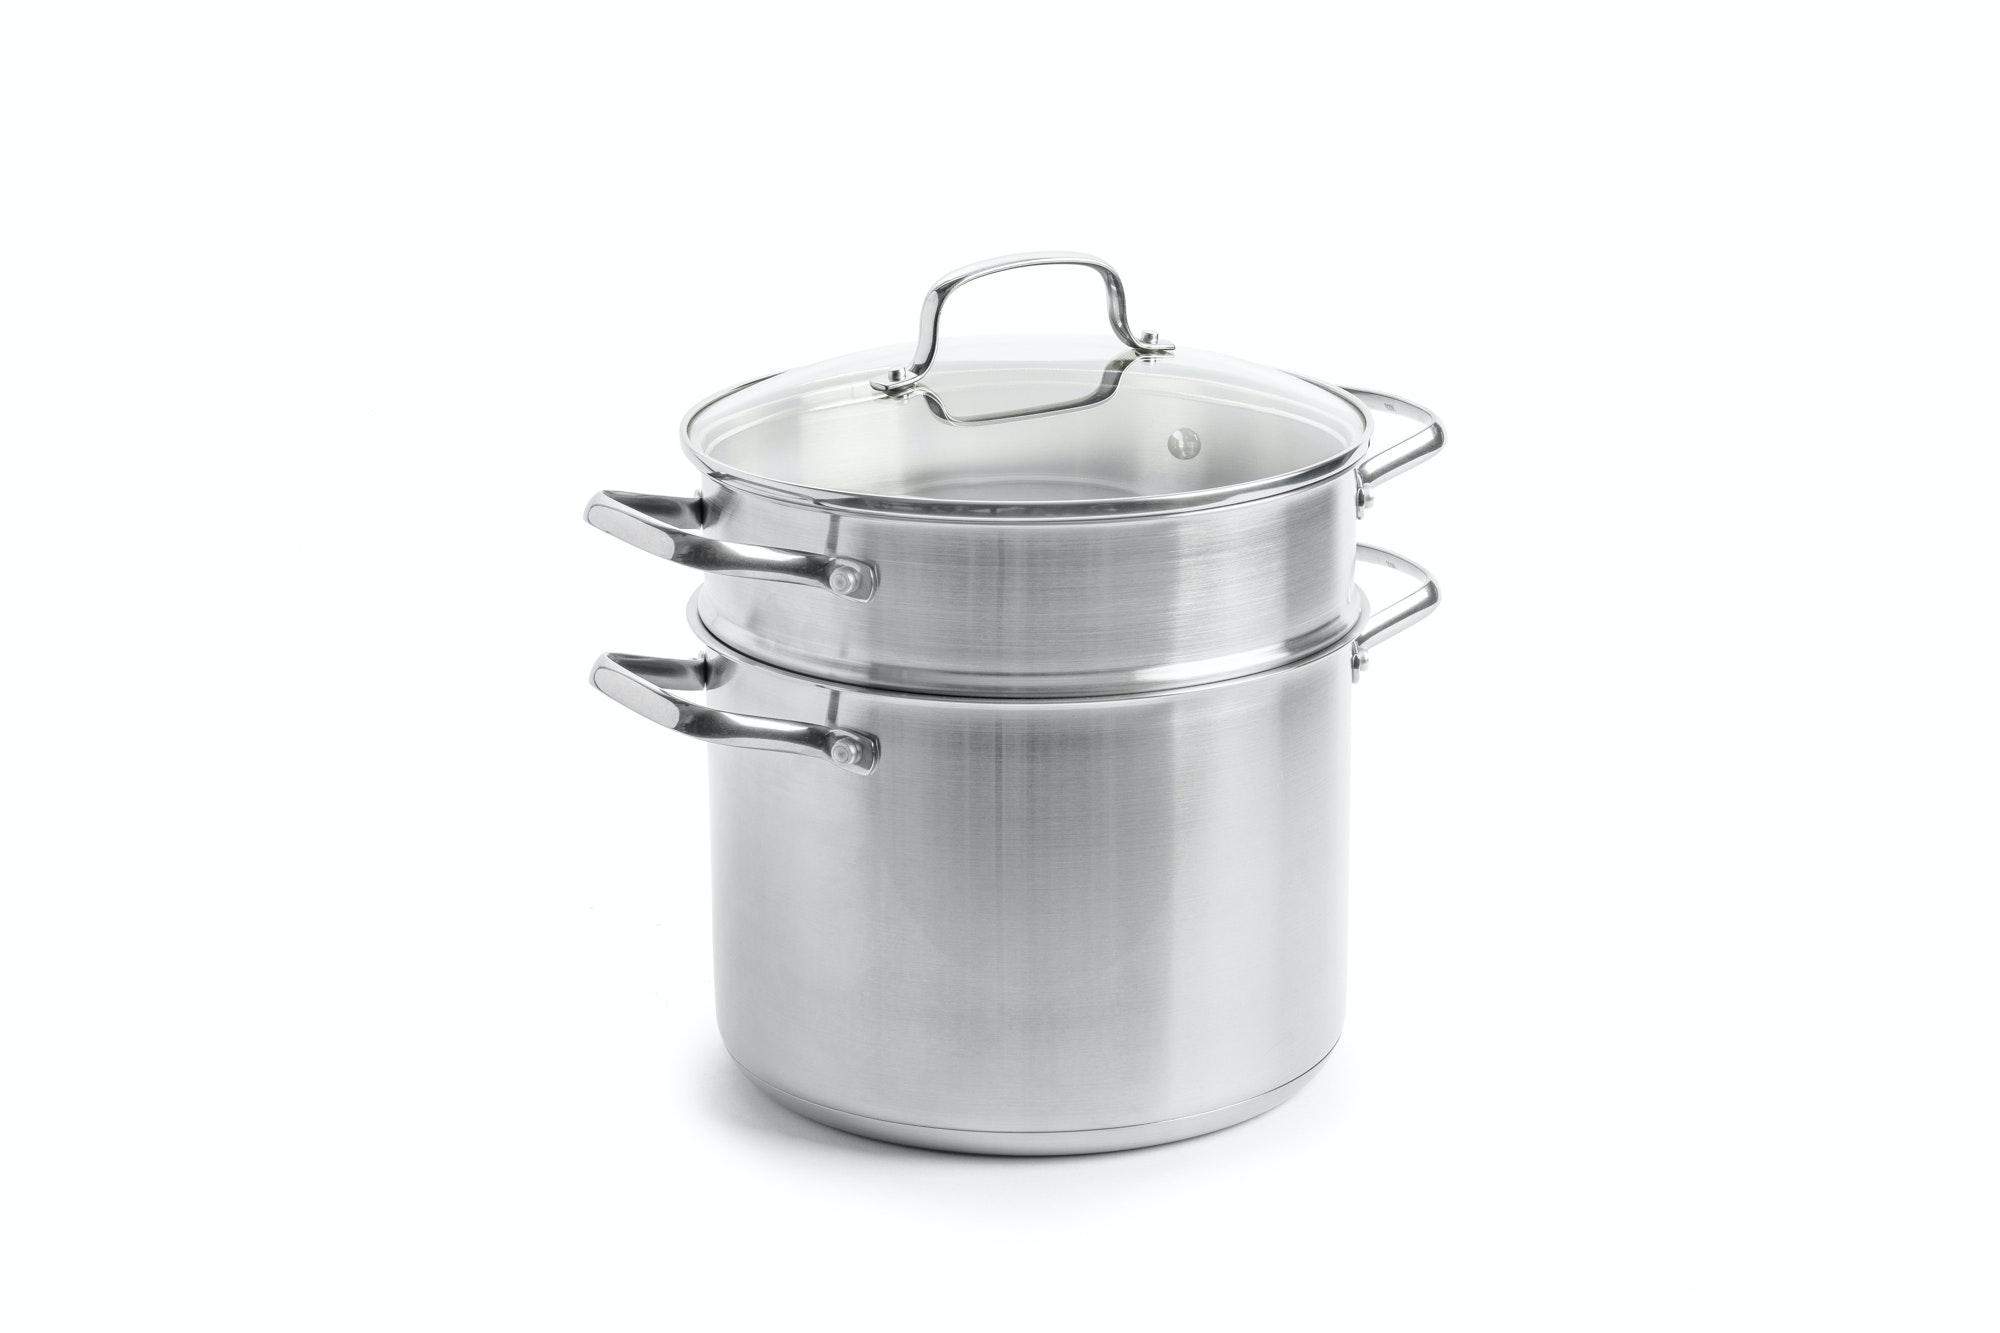 BK Dagelijkse kost kookpan met pasta inzet 24 cm 6 liter